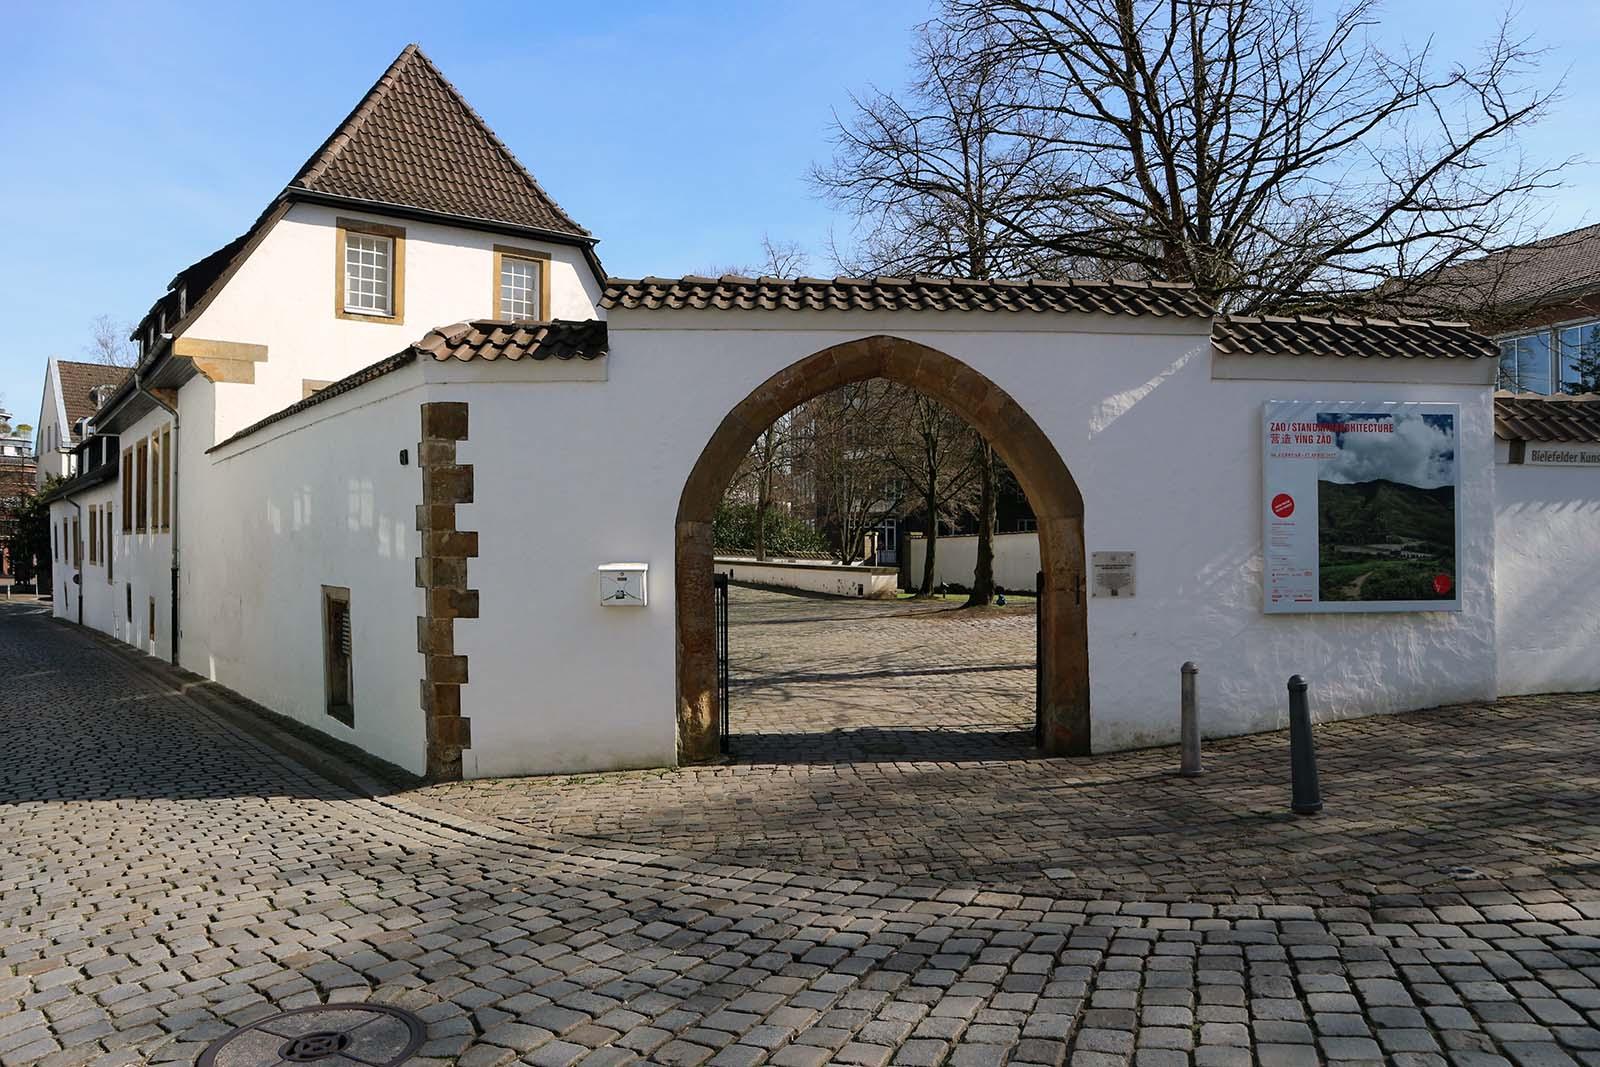 Bielefelder Kunstverein.  Der Kunstverein befindet sich in einem Adelshof aus dem 16. Jahrhundert im Stil der Weserrenaissance.